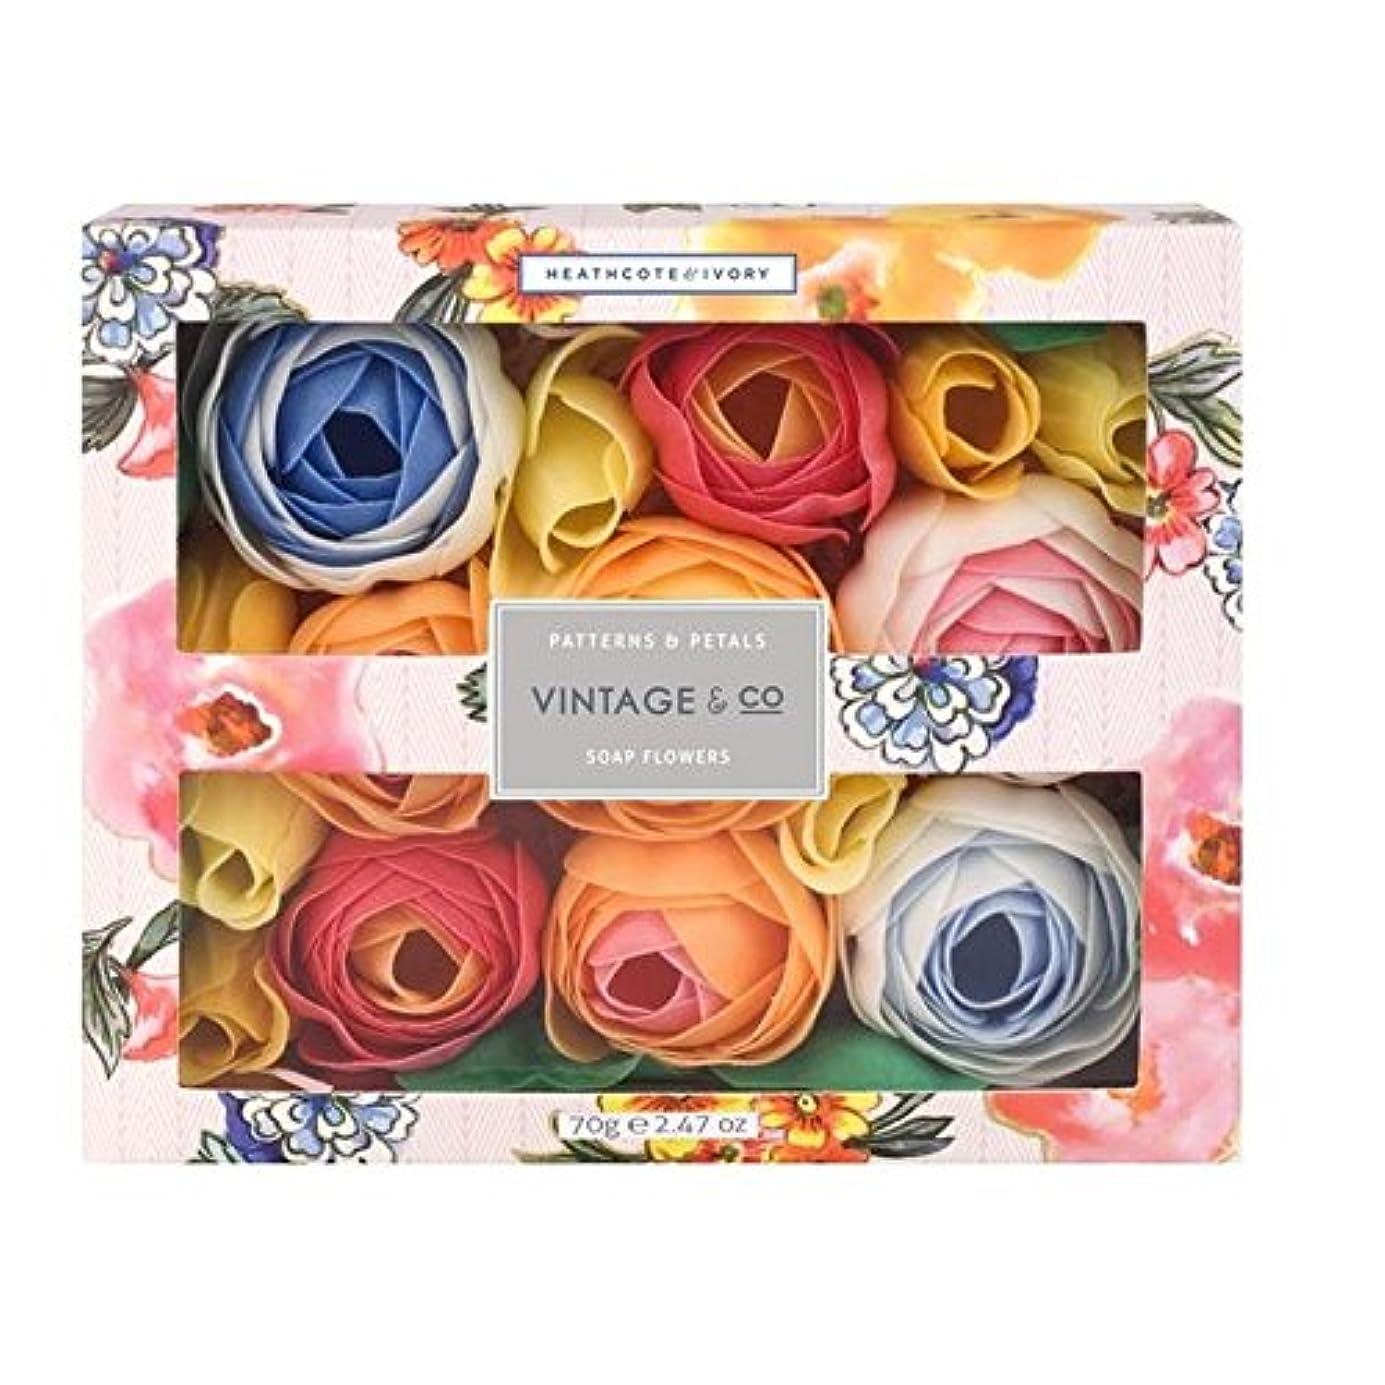 まともなモノグラフ無礼にヒースコート&アイボリーパターン&花びら石鹸の花70グラム x4 - Heathcote & Ivory Patterns & Petals Soap Flowers 70g (Pack of 4) [並行輸入品]